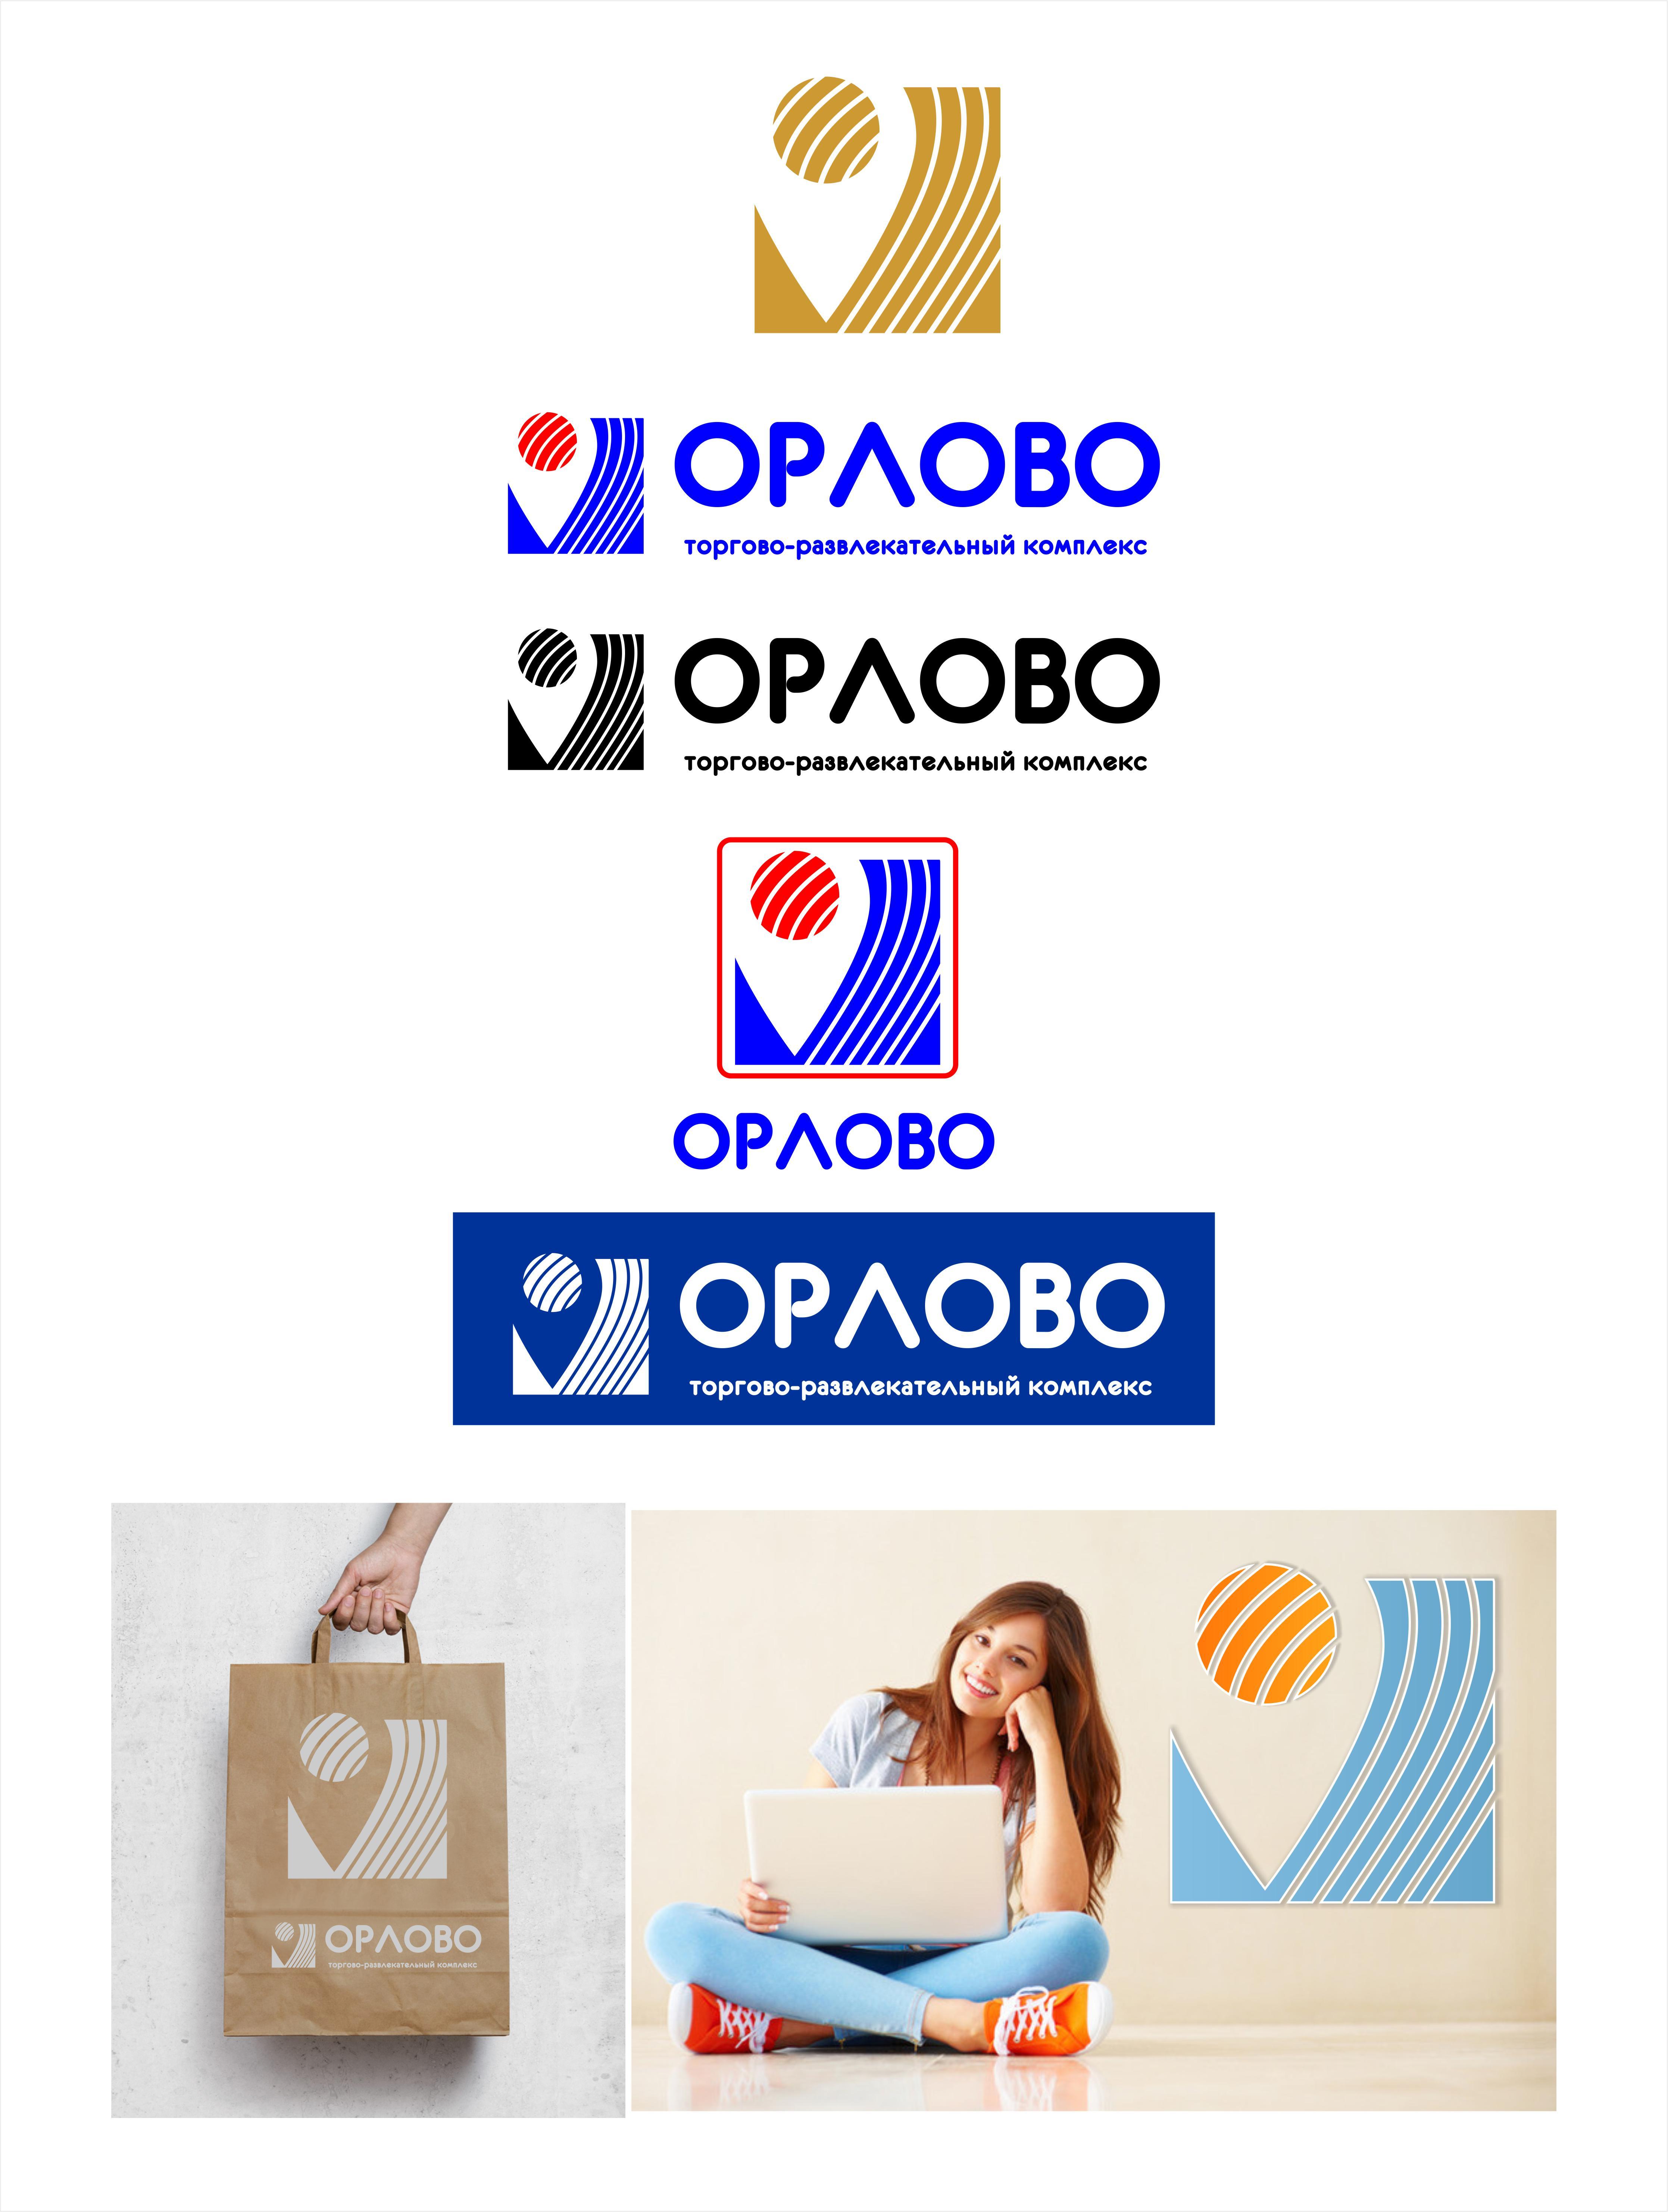 Разработка логотипа для Торгово-развлекательного комплекса фото f_69759733fc393d04.jpg